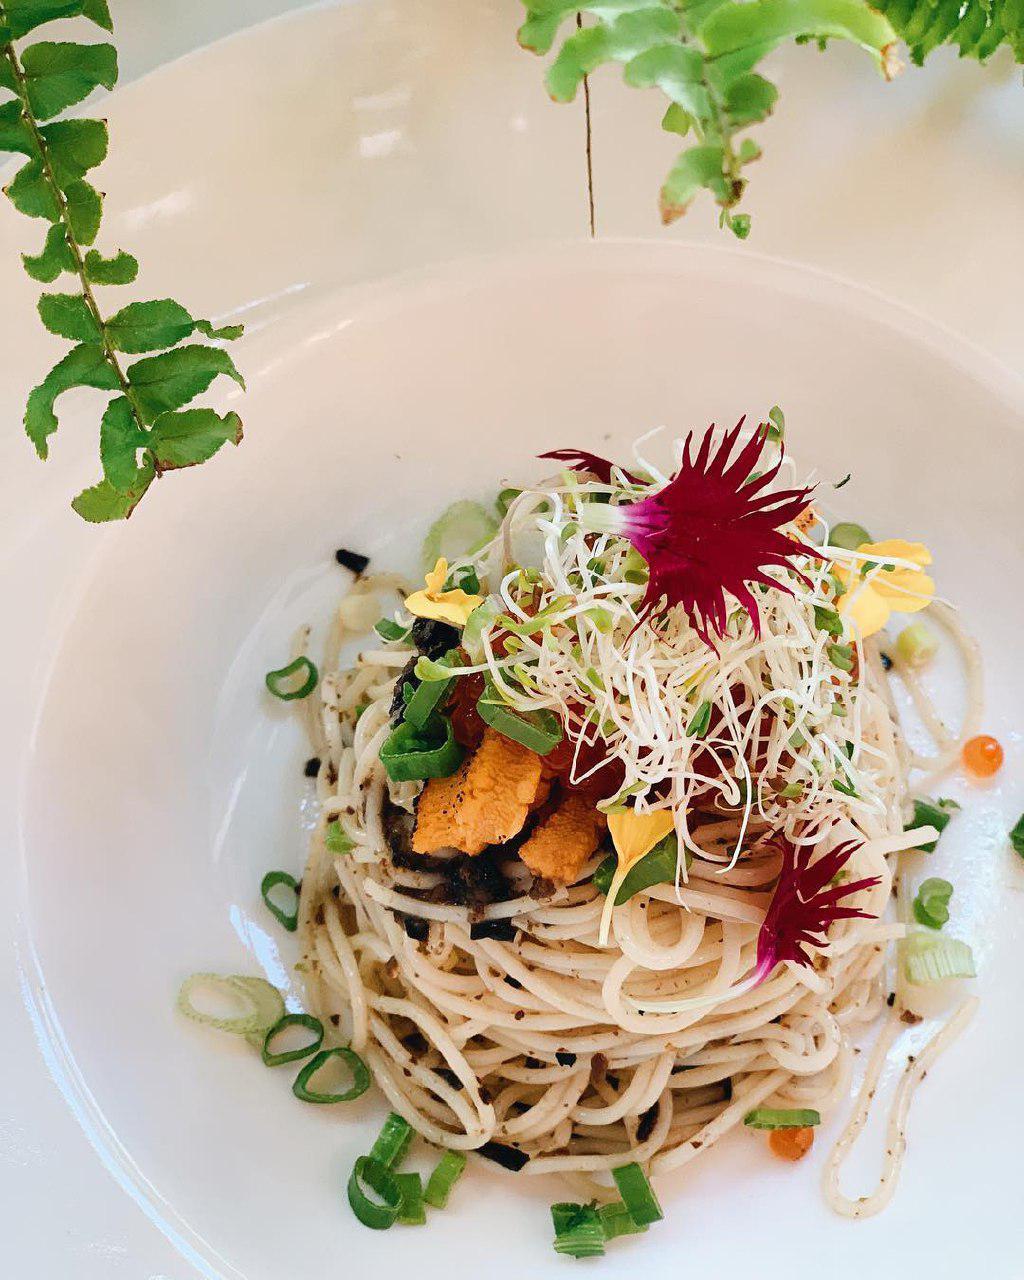 Uni Truffle spaghetti at Botany cafe